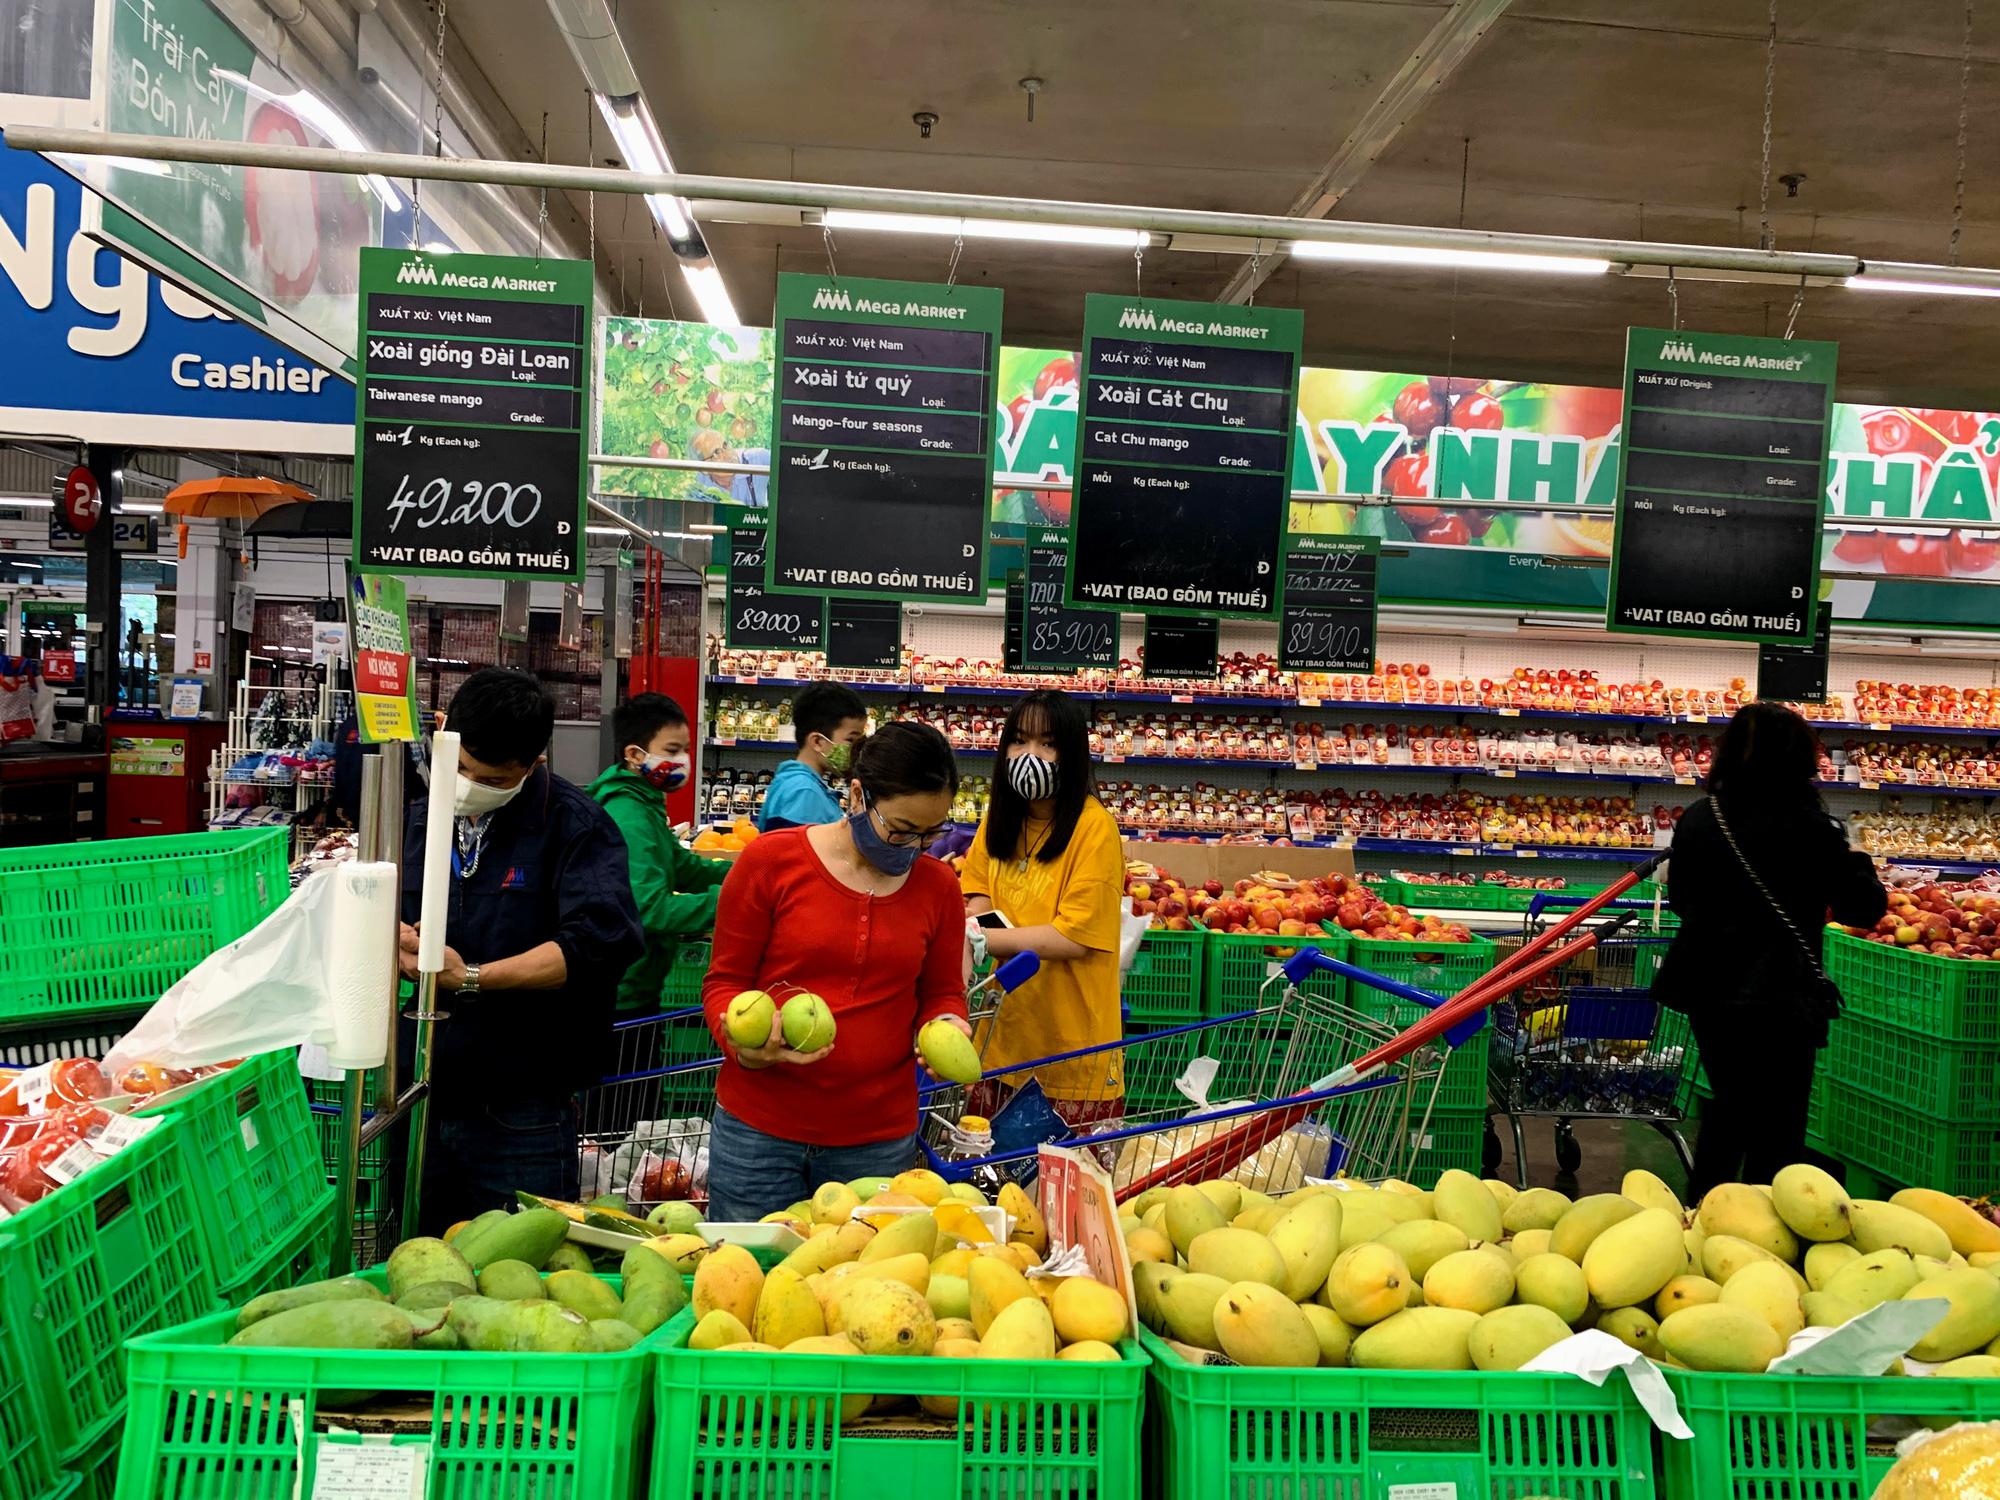 17 người nhiễm Covid - 19 được chữa khỏi, người dân lạc quan quay trở lại mua sắm trong siêu thị, trung tâm thương mại - Ảnh 7.